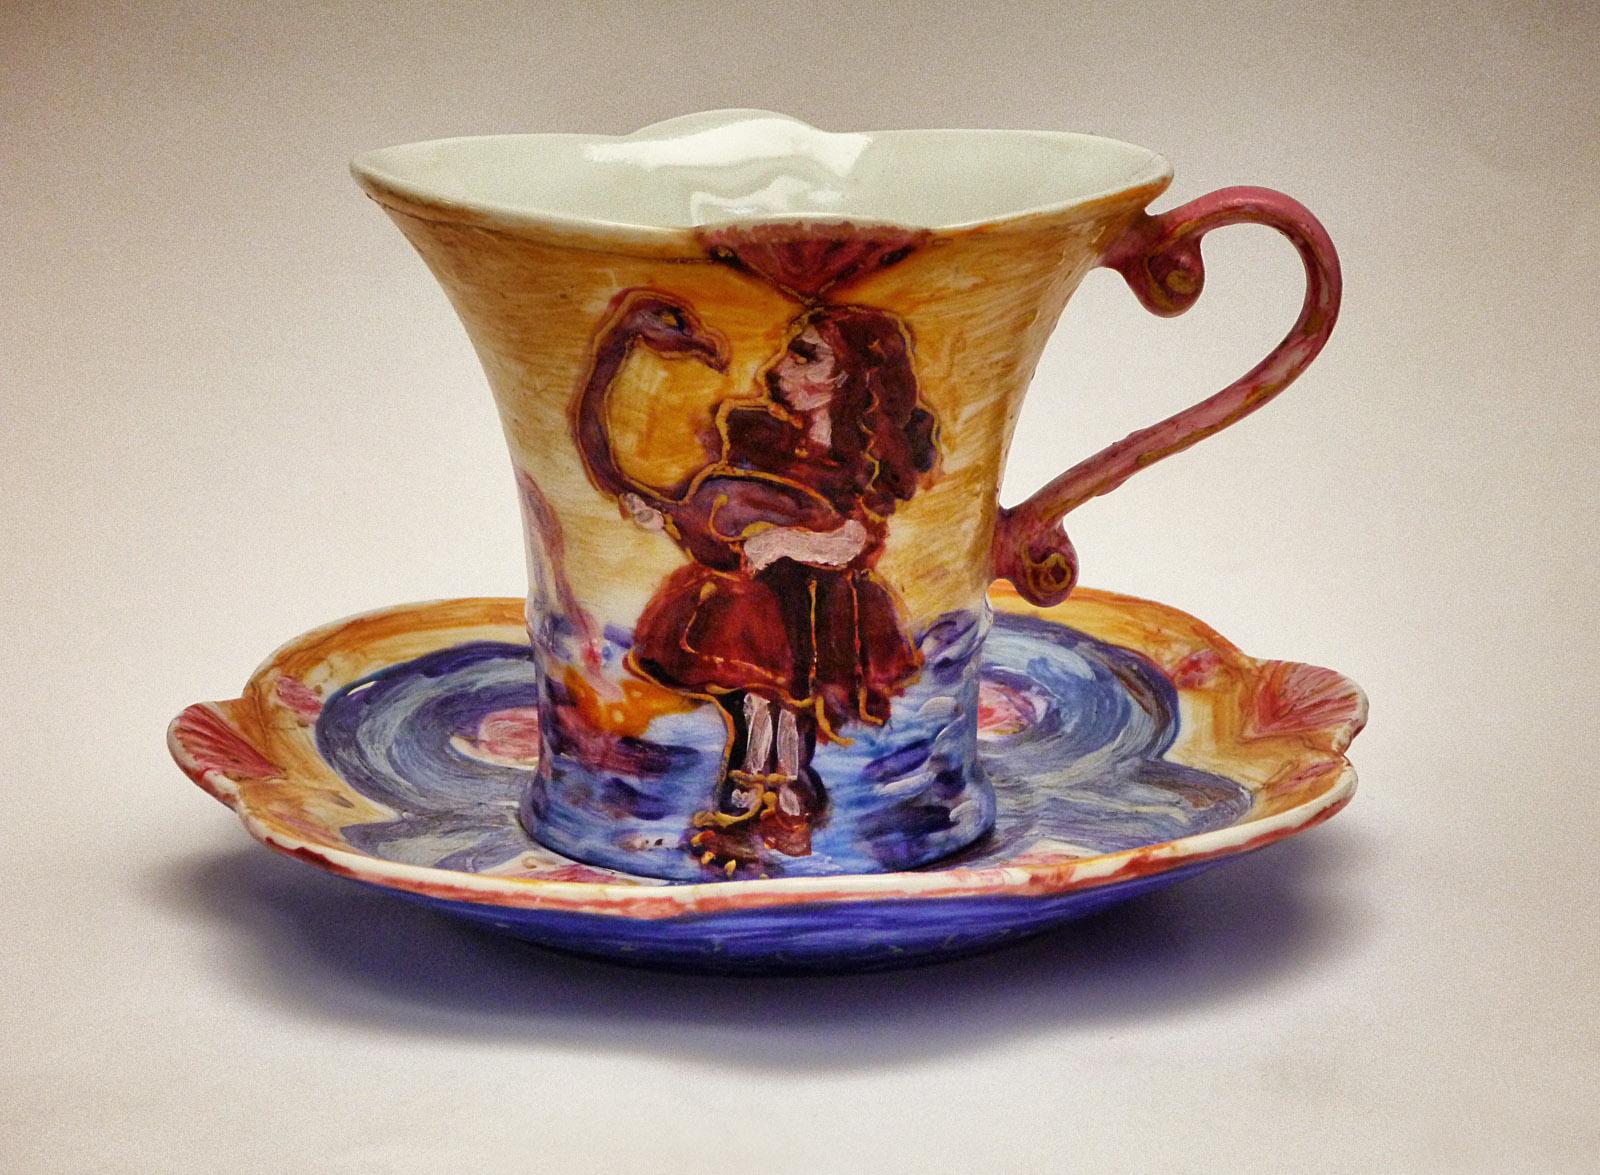 Filiżanka ciepła - ceramika artystyczna, malarstwo na gotowym obiekcie, ArsKinga - Kinga Pawełska